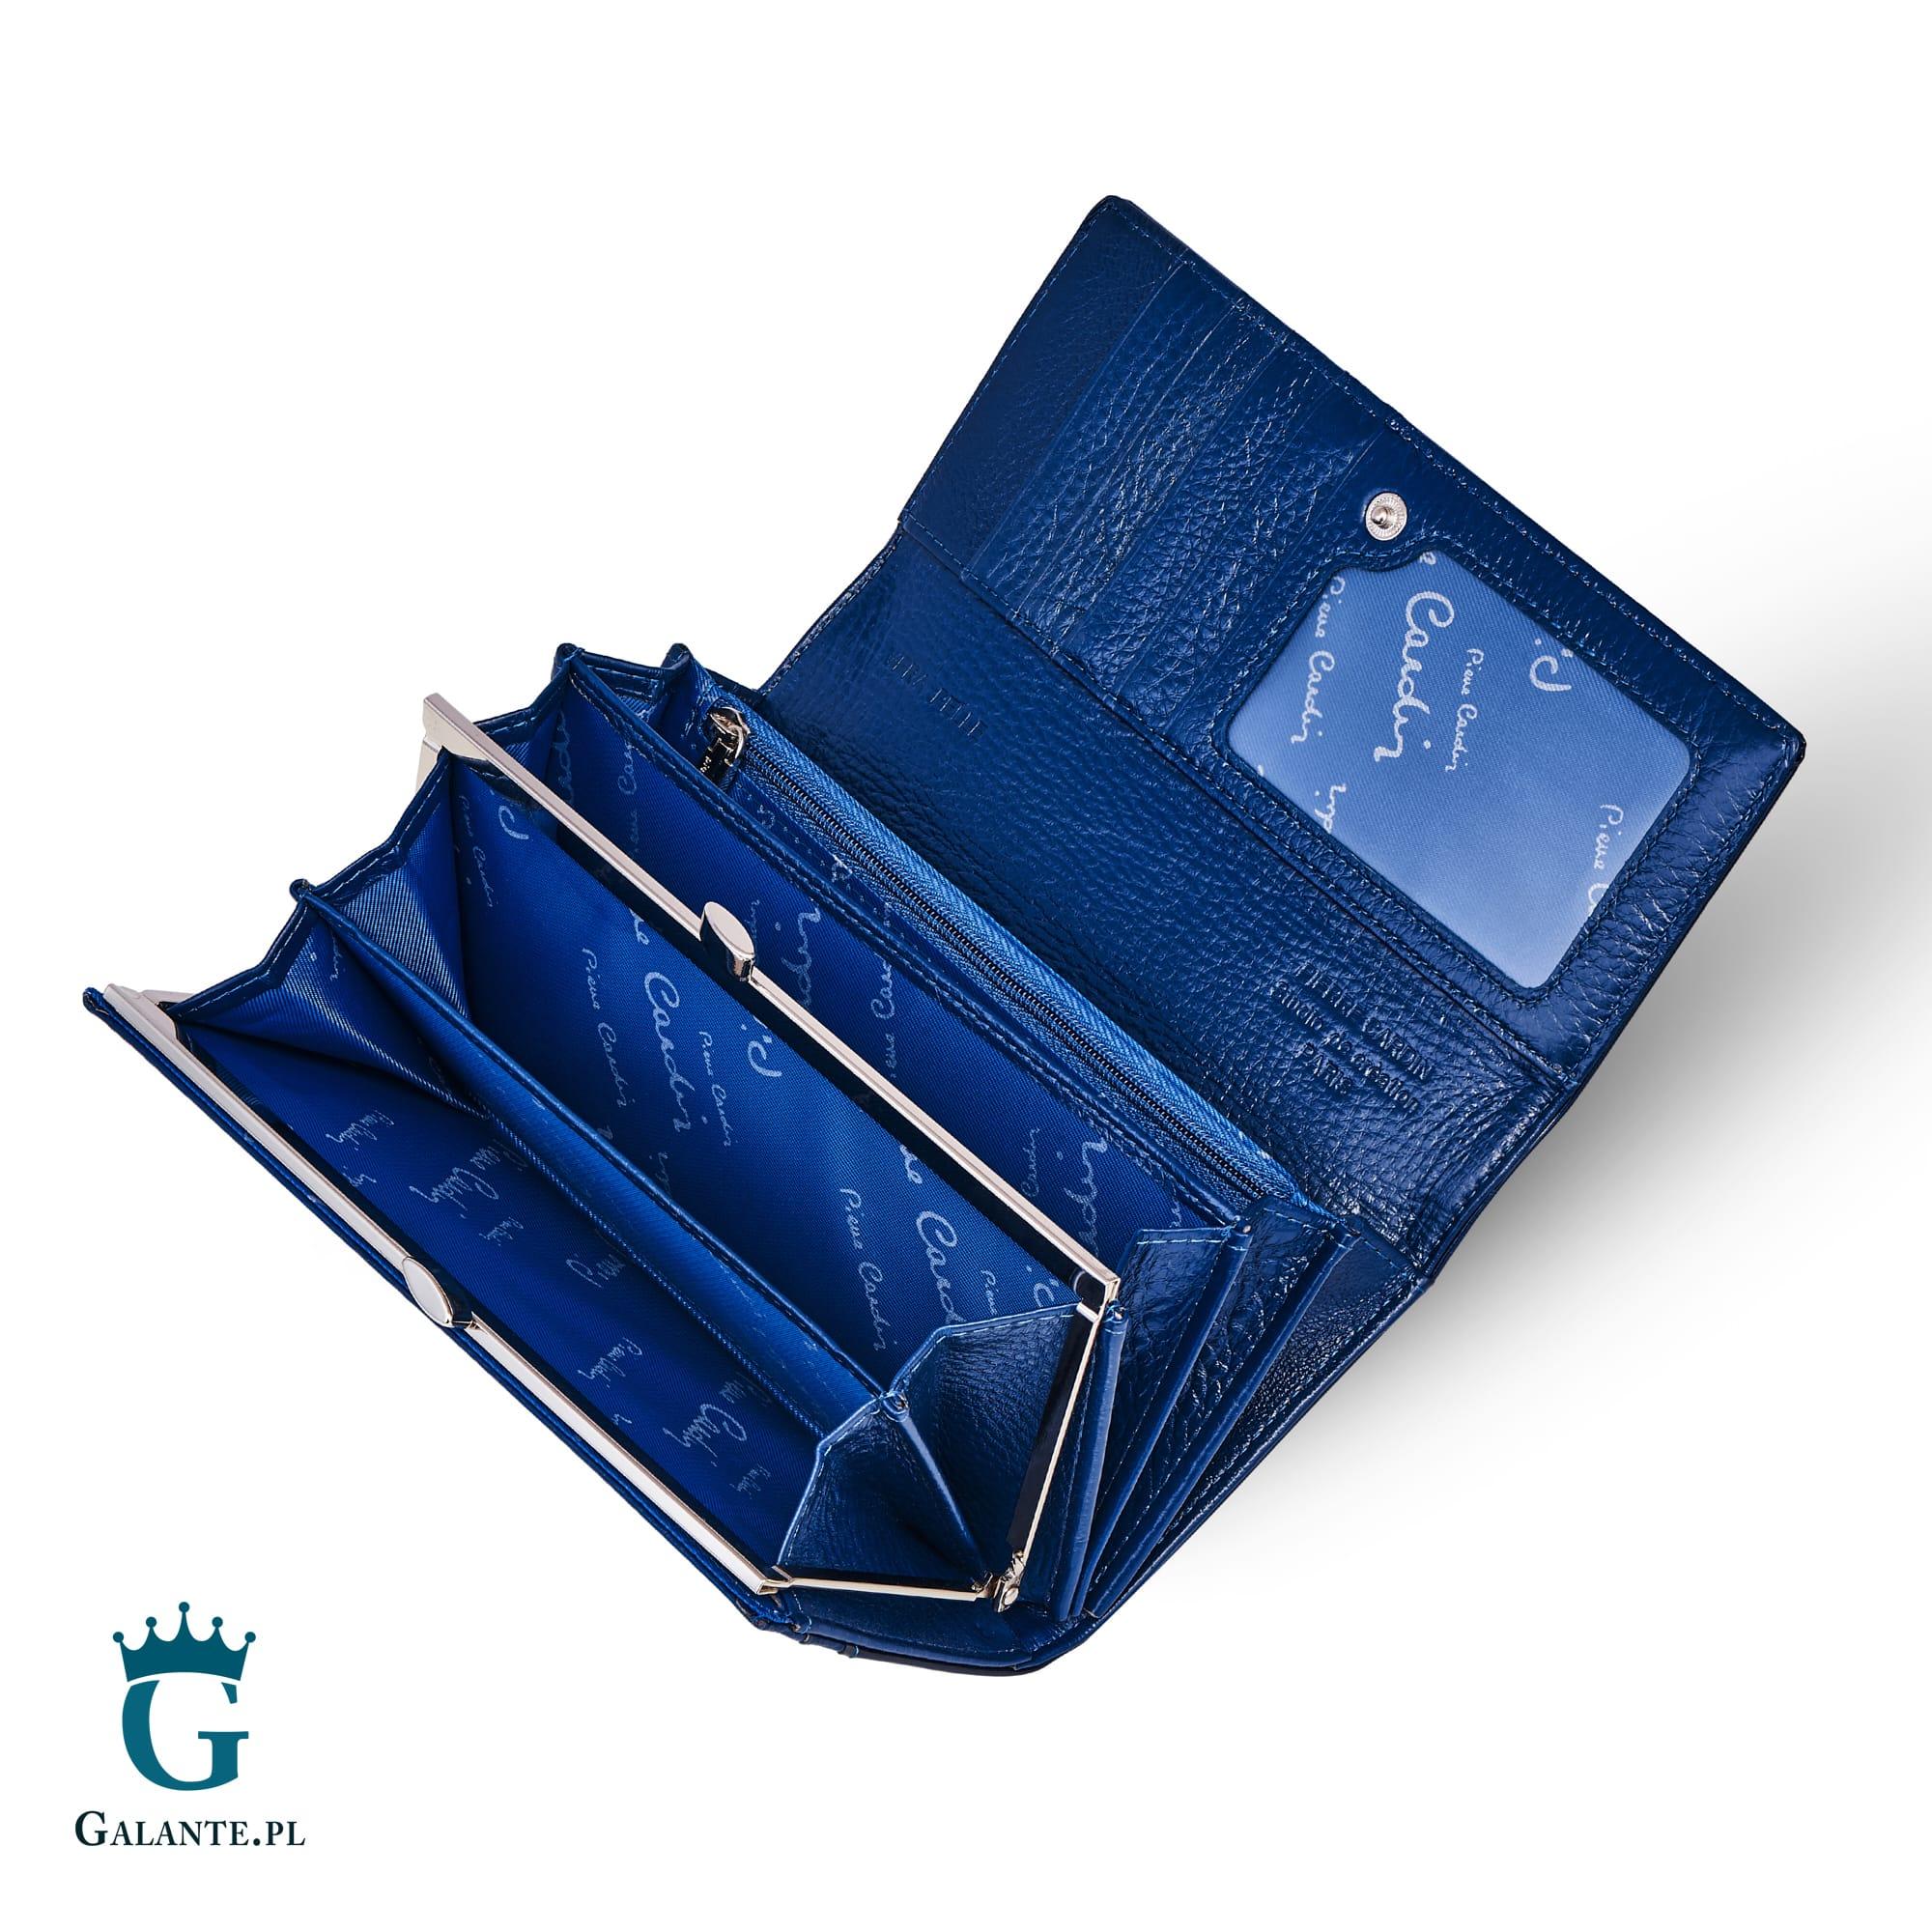 4f664dec38ae9 Damski portfel Pierre Cardin Klasyczny Duży na zatrzask 05 LINE 100. ‹ ›